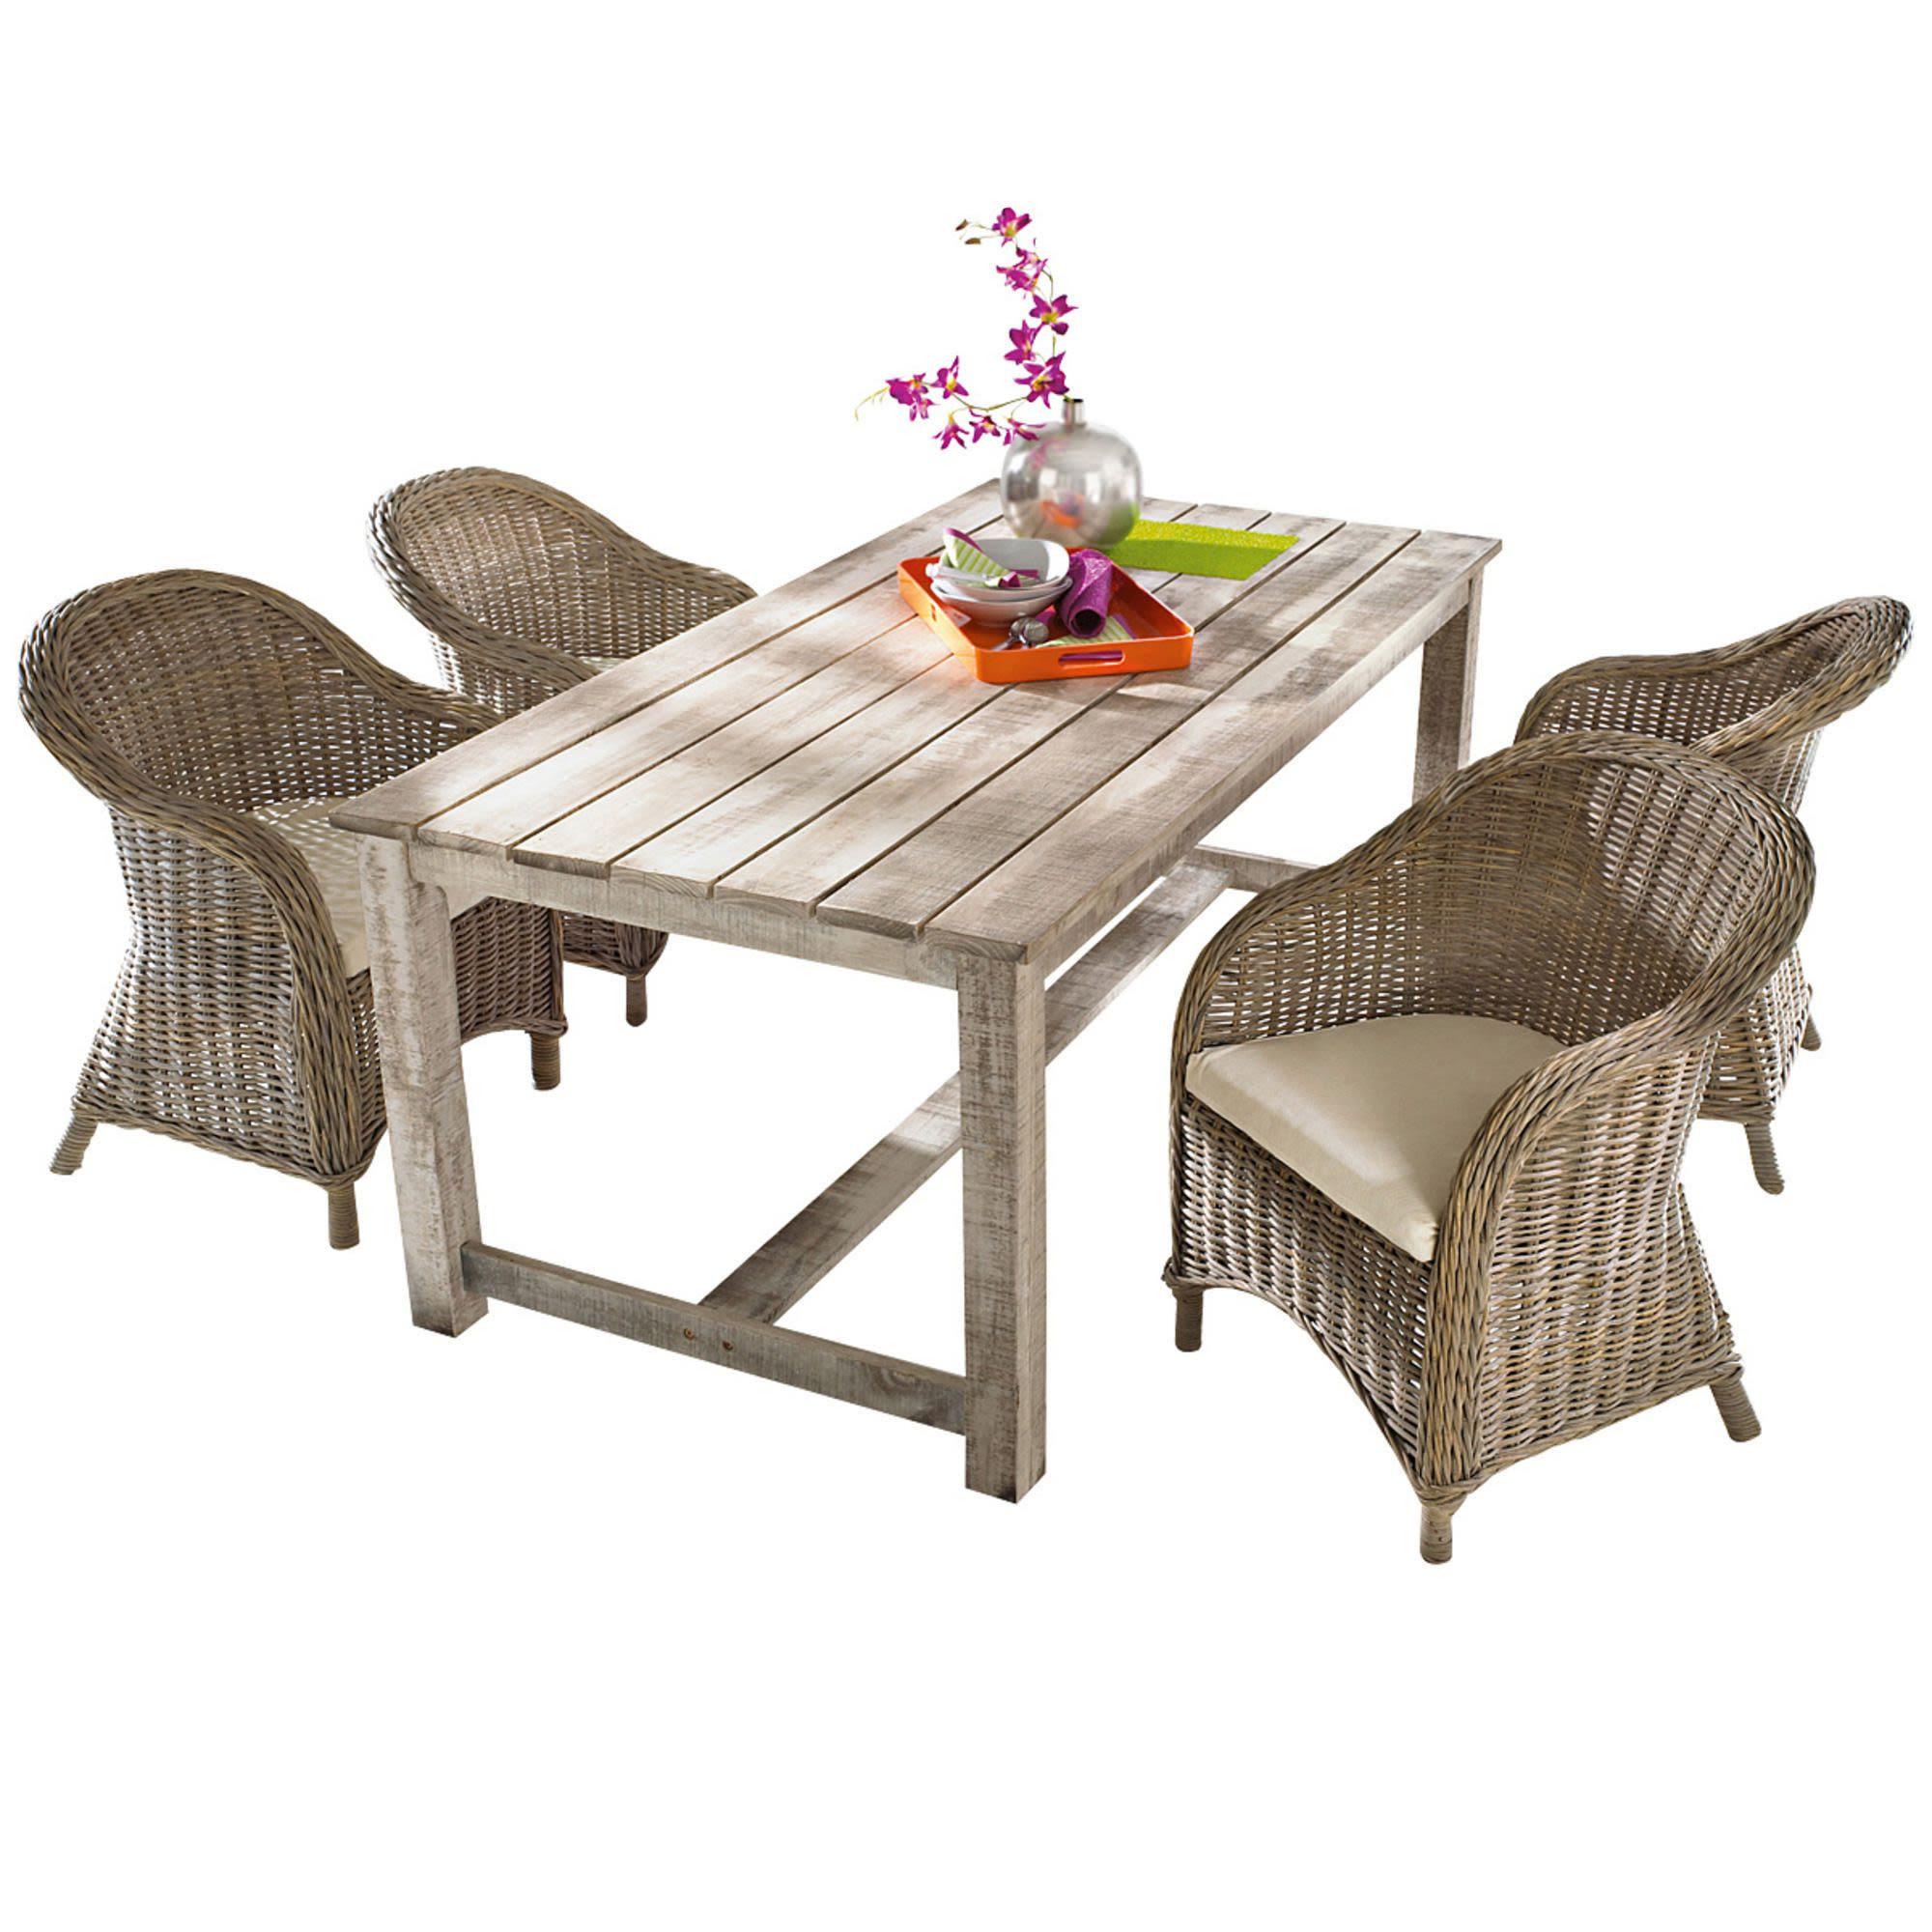 Gartenmbel Set. Free Gardena Premium Jetzt Bestellen Unter With